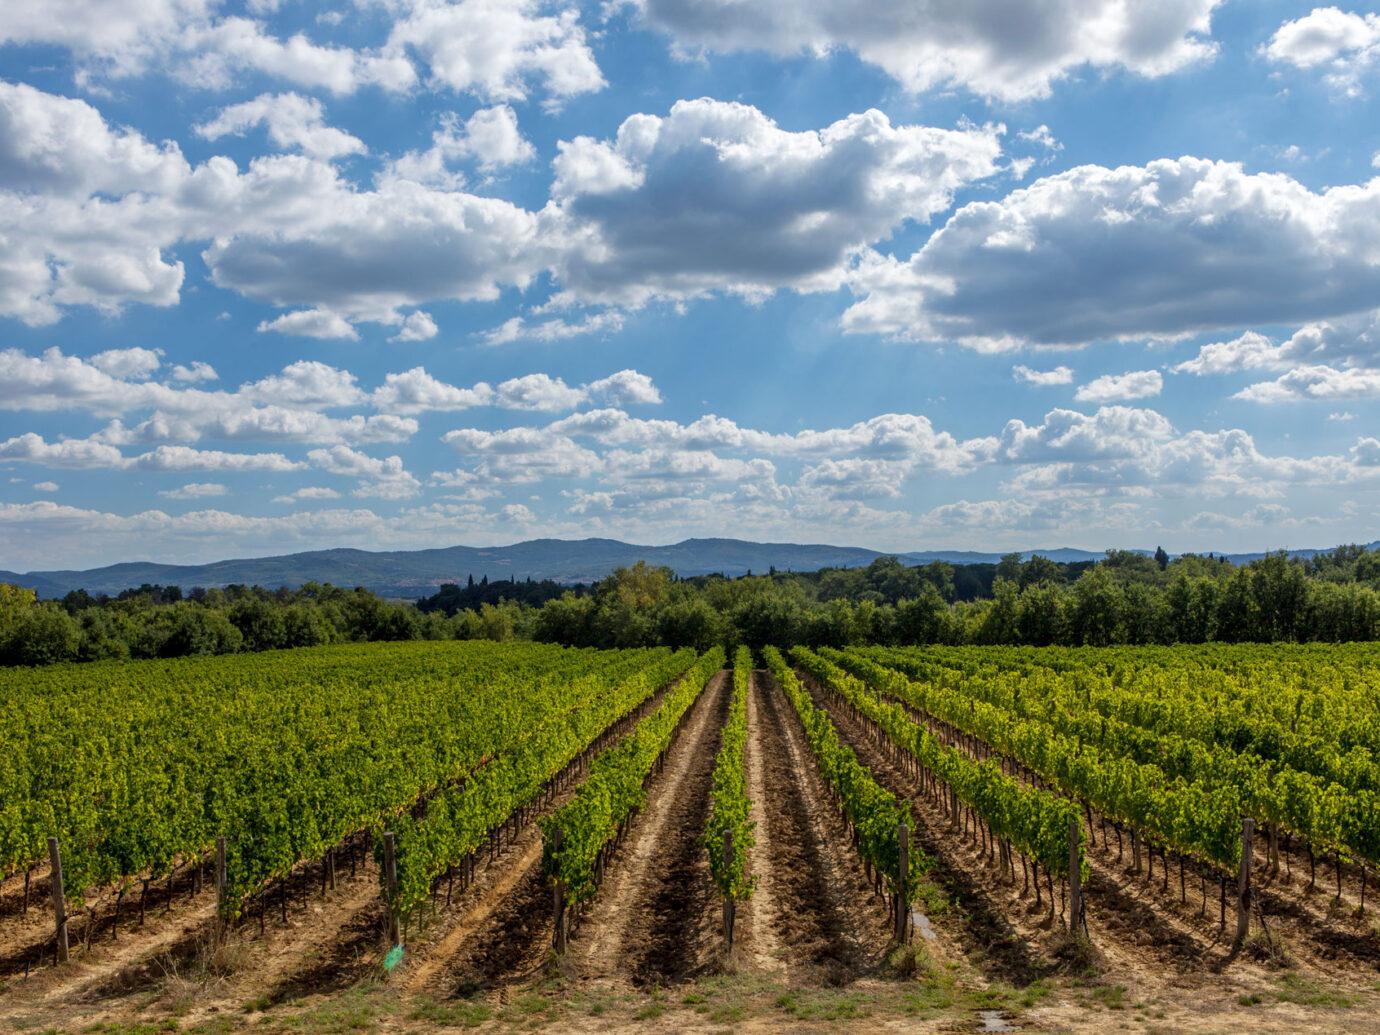 vineyard at Il Borro